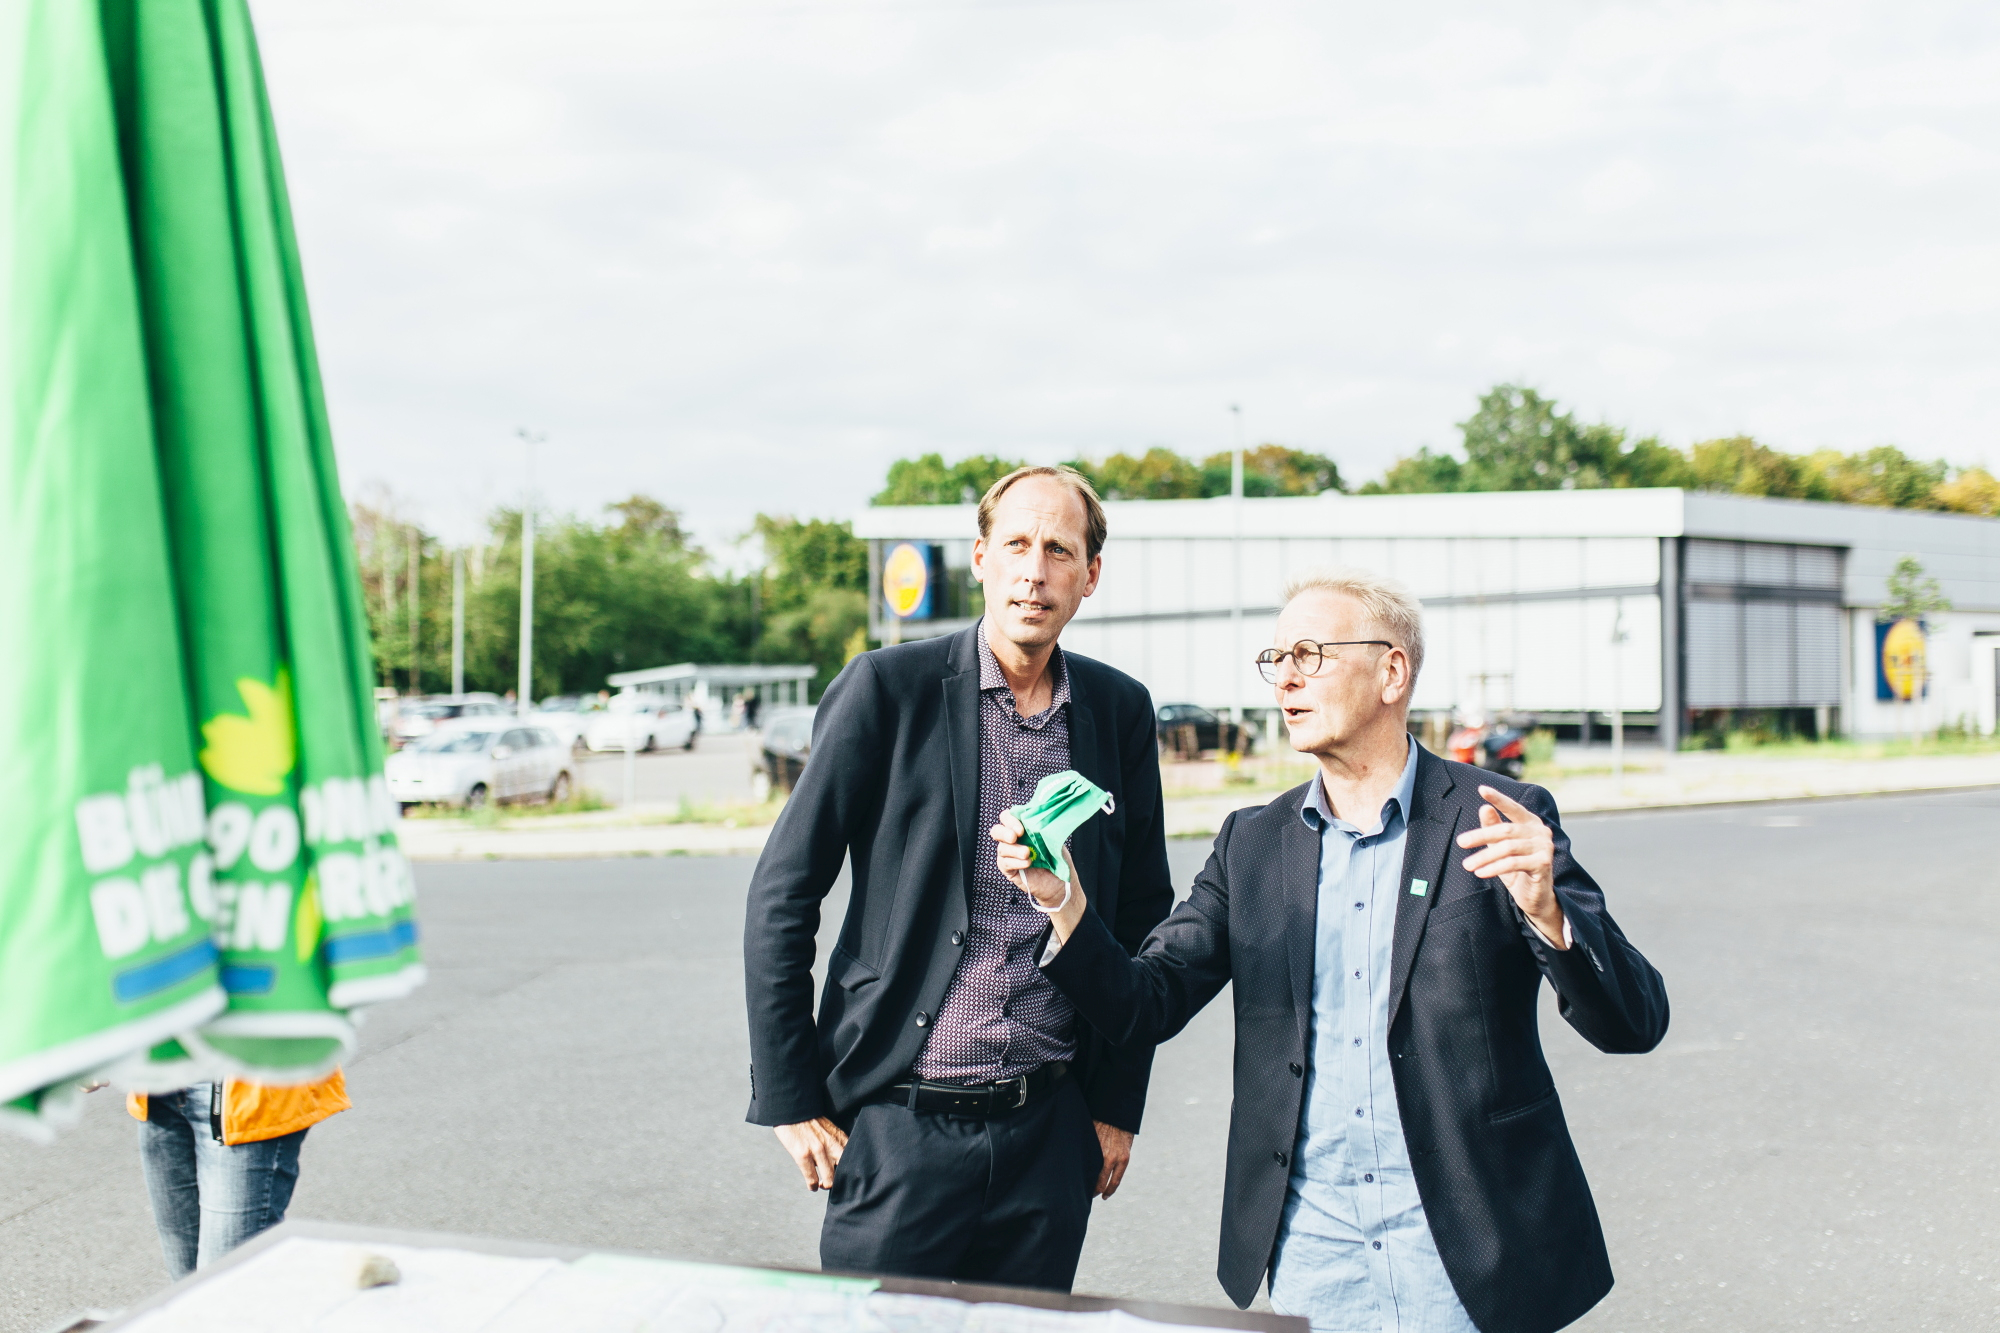 Engstfeld und Tönnes wollen Radschnellweg Ratingen – Düsseldorf